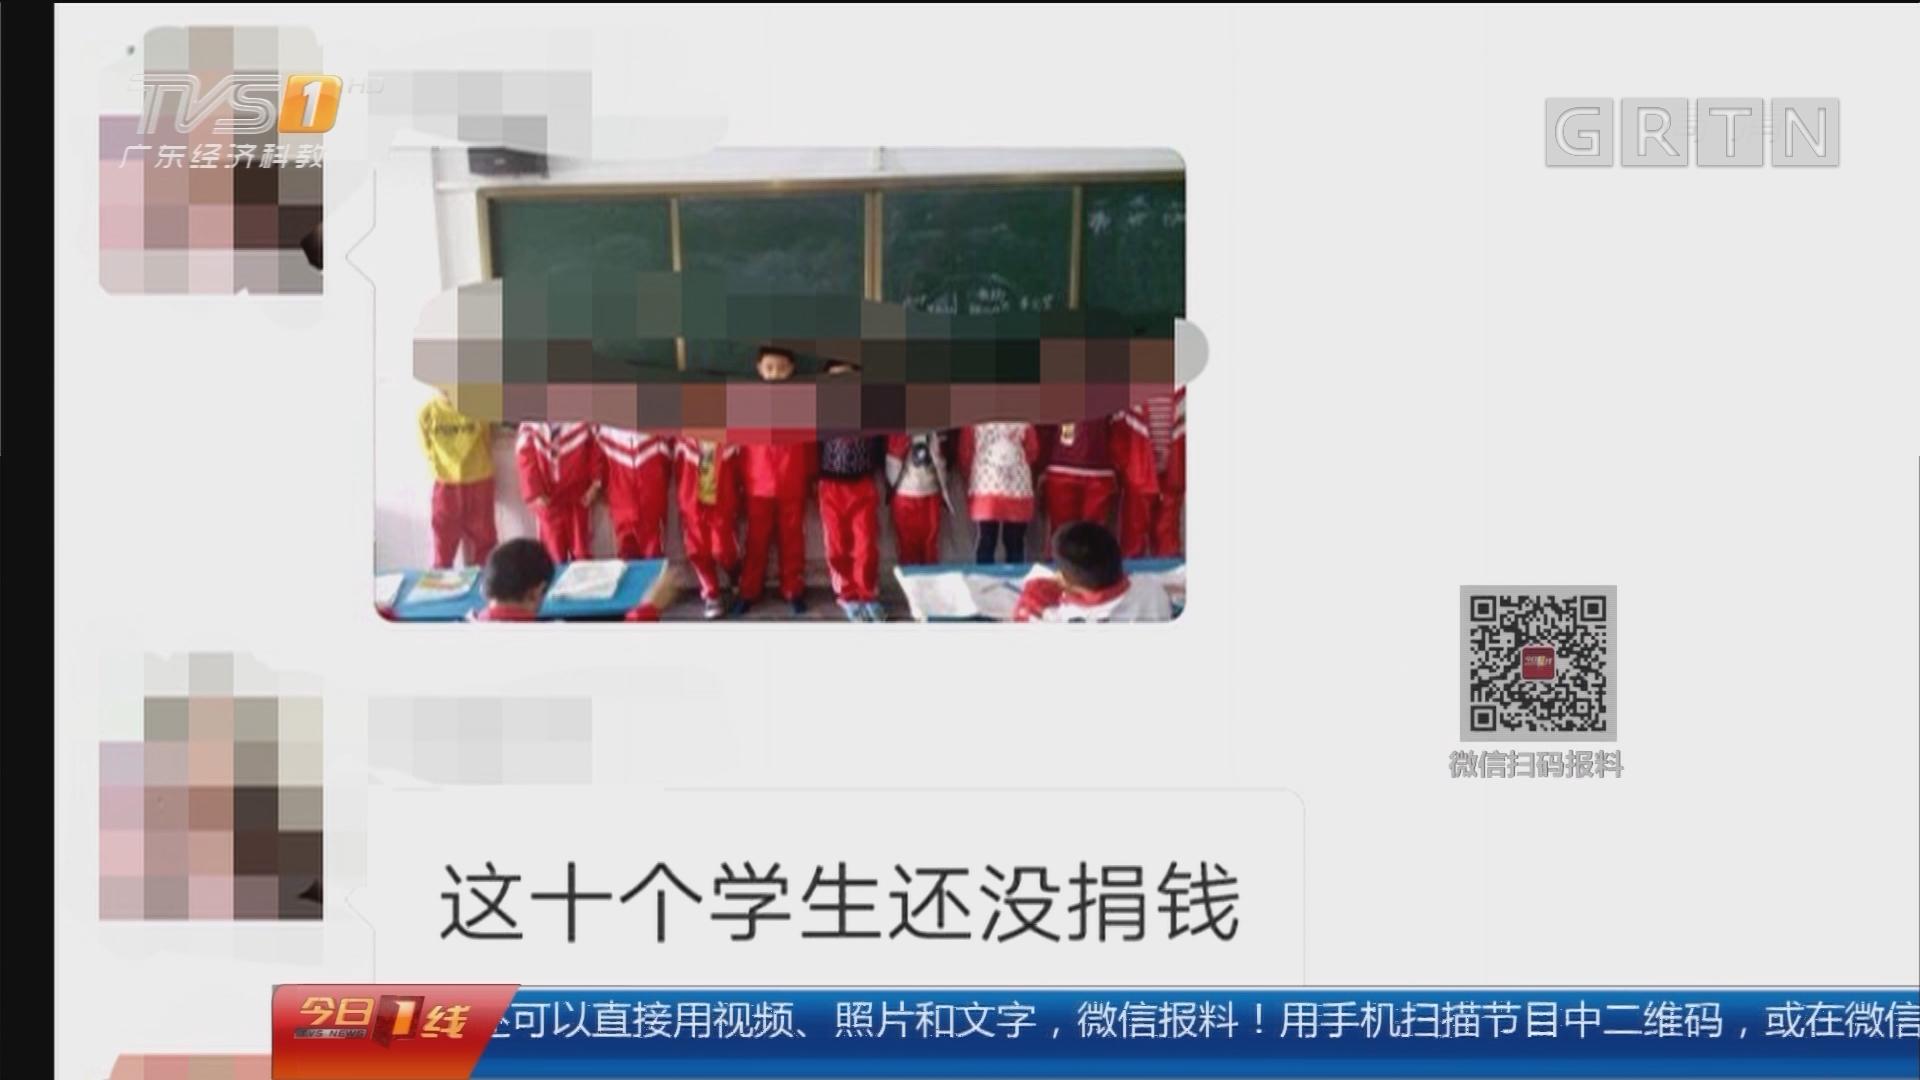 一线独家调查:如此捐款? 学生没捐款 被老师拉上讲台拍照?